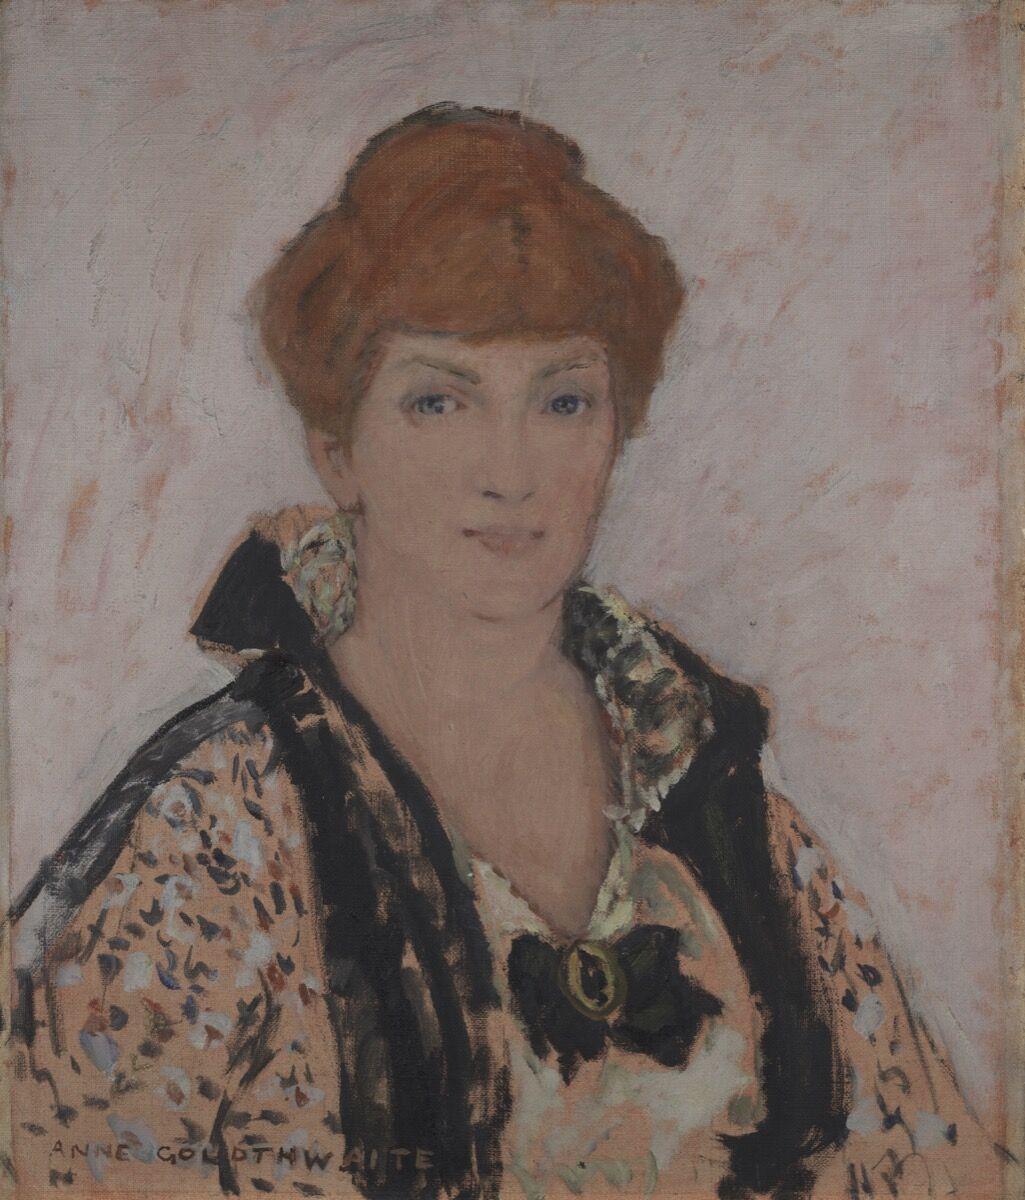 Anne Goldthwaite, Retrato de Katherine Sophie Dreier, 1915-1916.  Cortesía de la Galería de Arte de la Universidad de Yale.